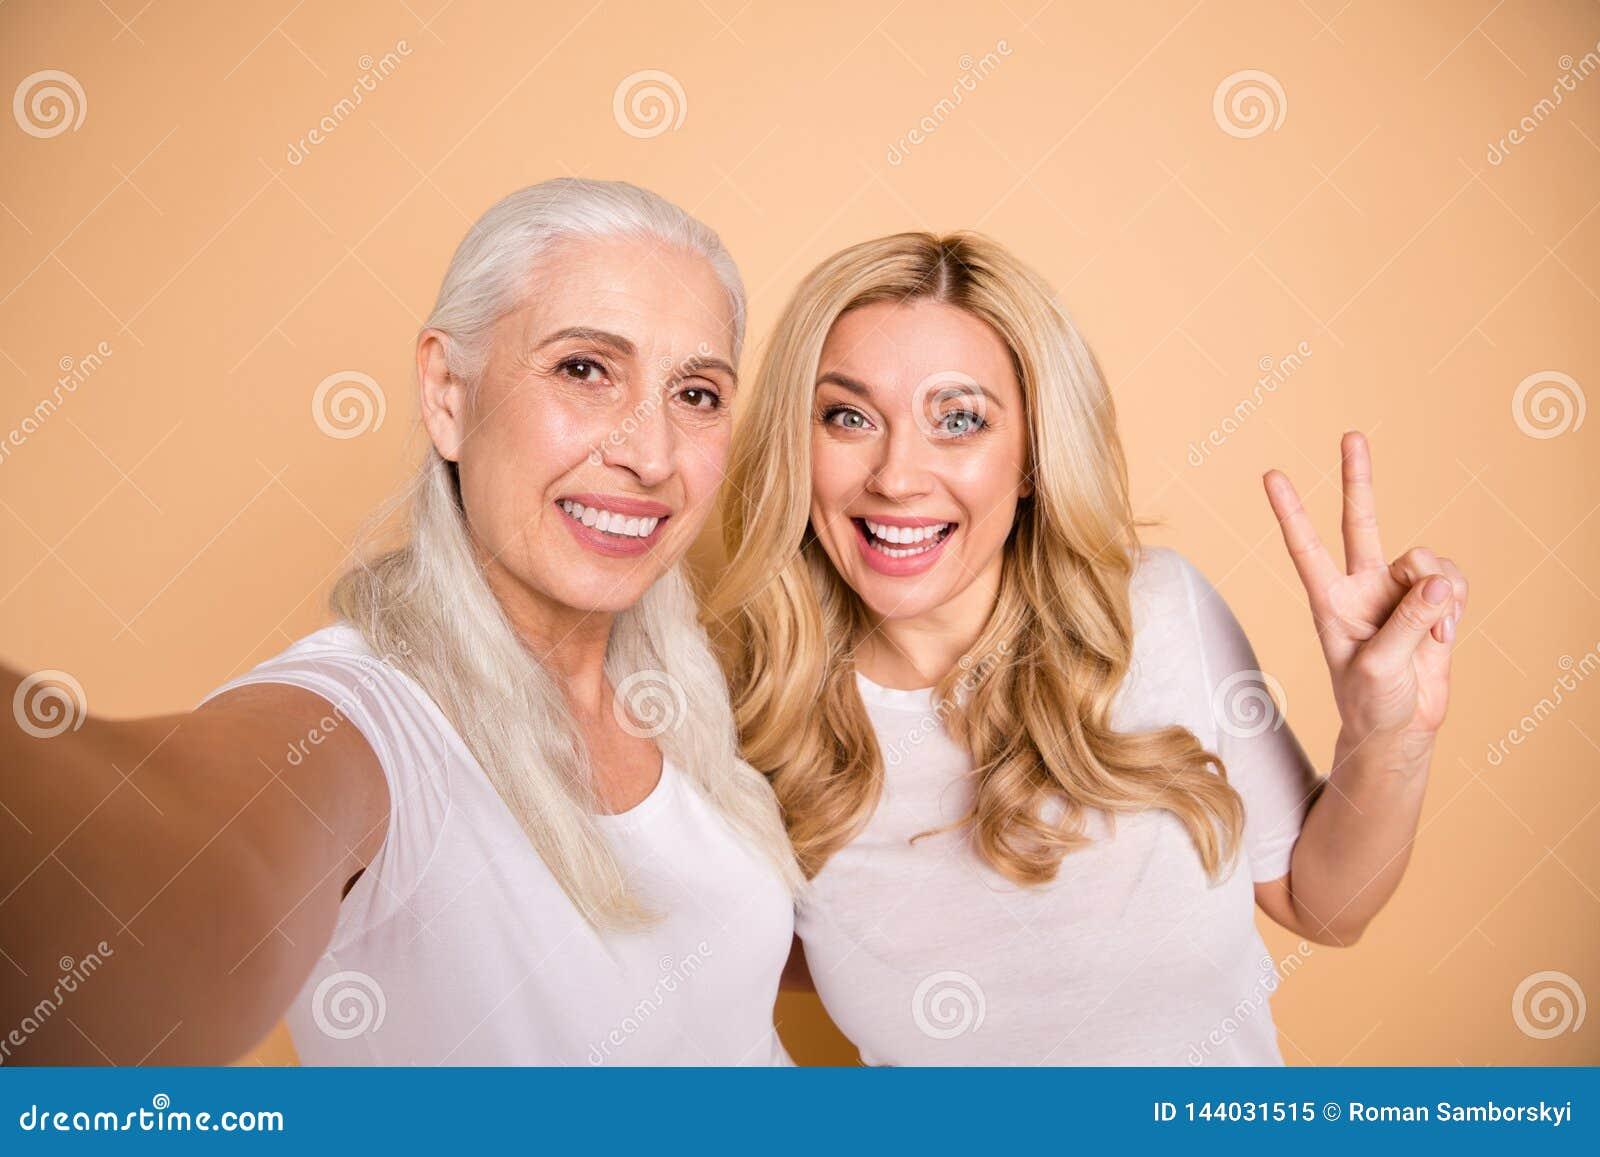 Nahes hohes Foto von reizend attraktiven schönen Erwachsenen, die Damen bloggen, lassen Spaßfreizeit machen v-zu singen, erfüllte